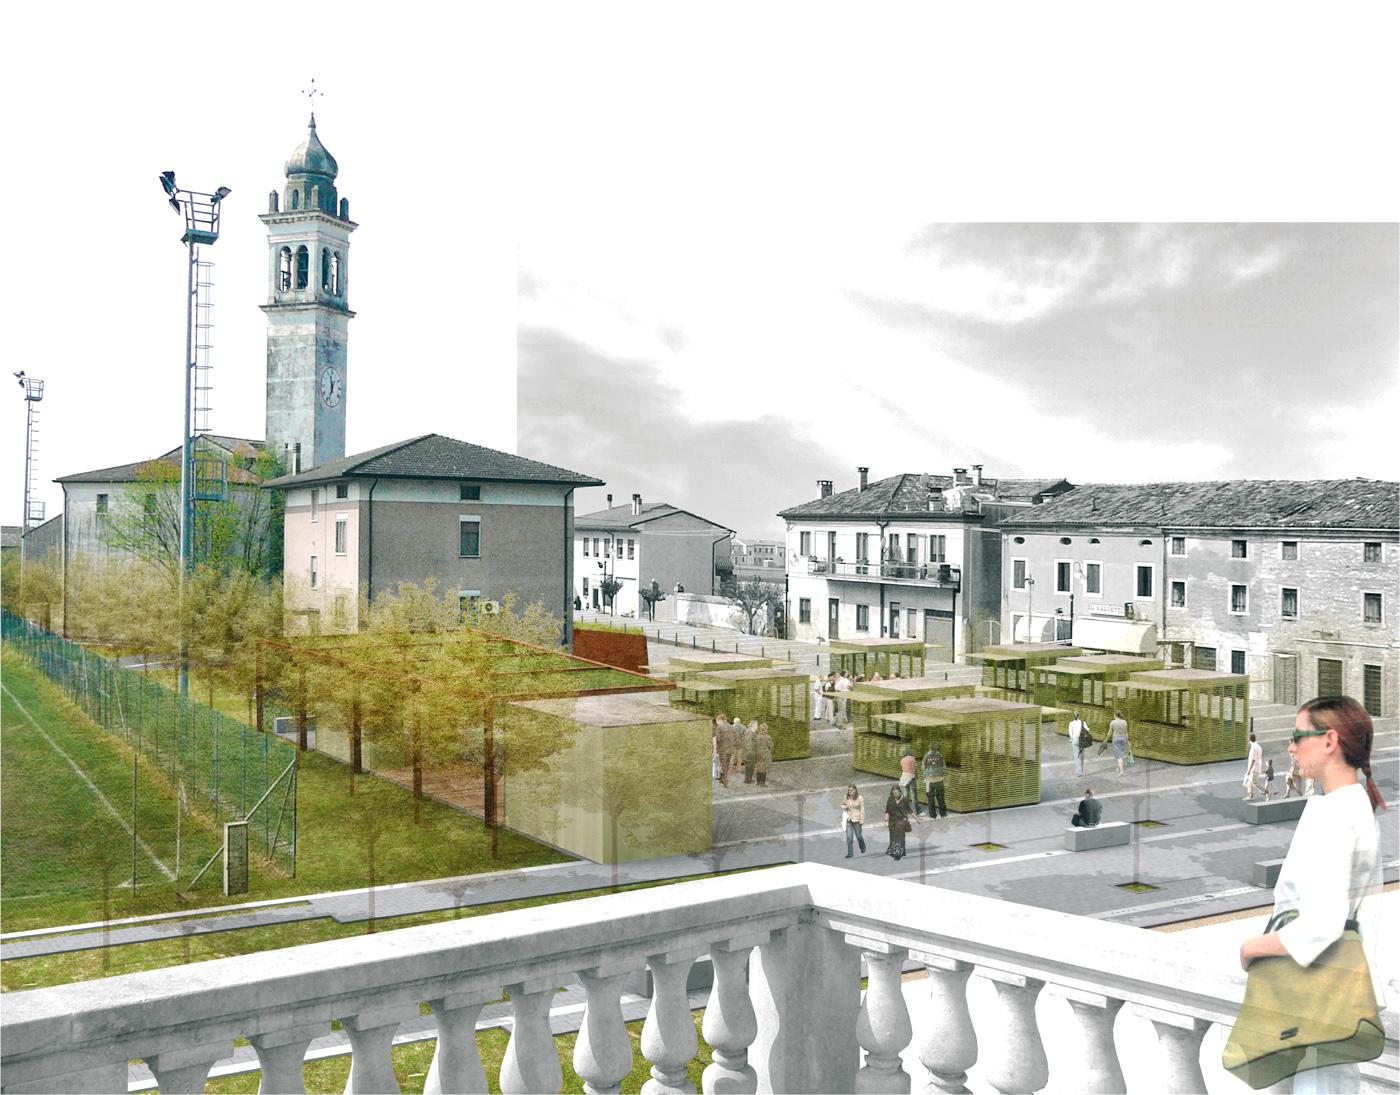 La nuova piazza di Asigliano Veneto, uno spazio pubblico tracciato dall'ombra a ricomporre i lembi sfrangiati del tessuto edilizio. Vista della zona sagra | Bottega di Architettura